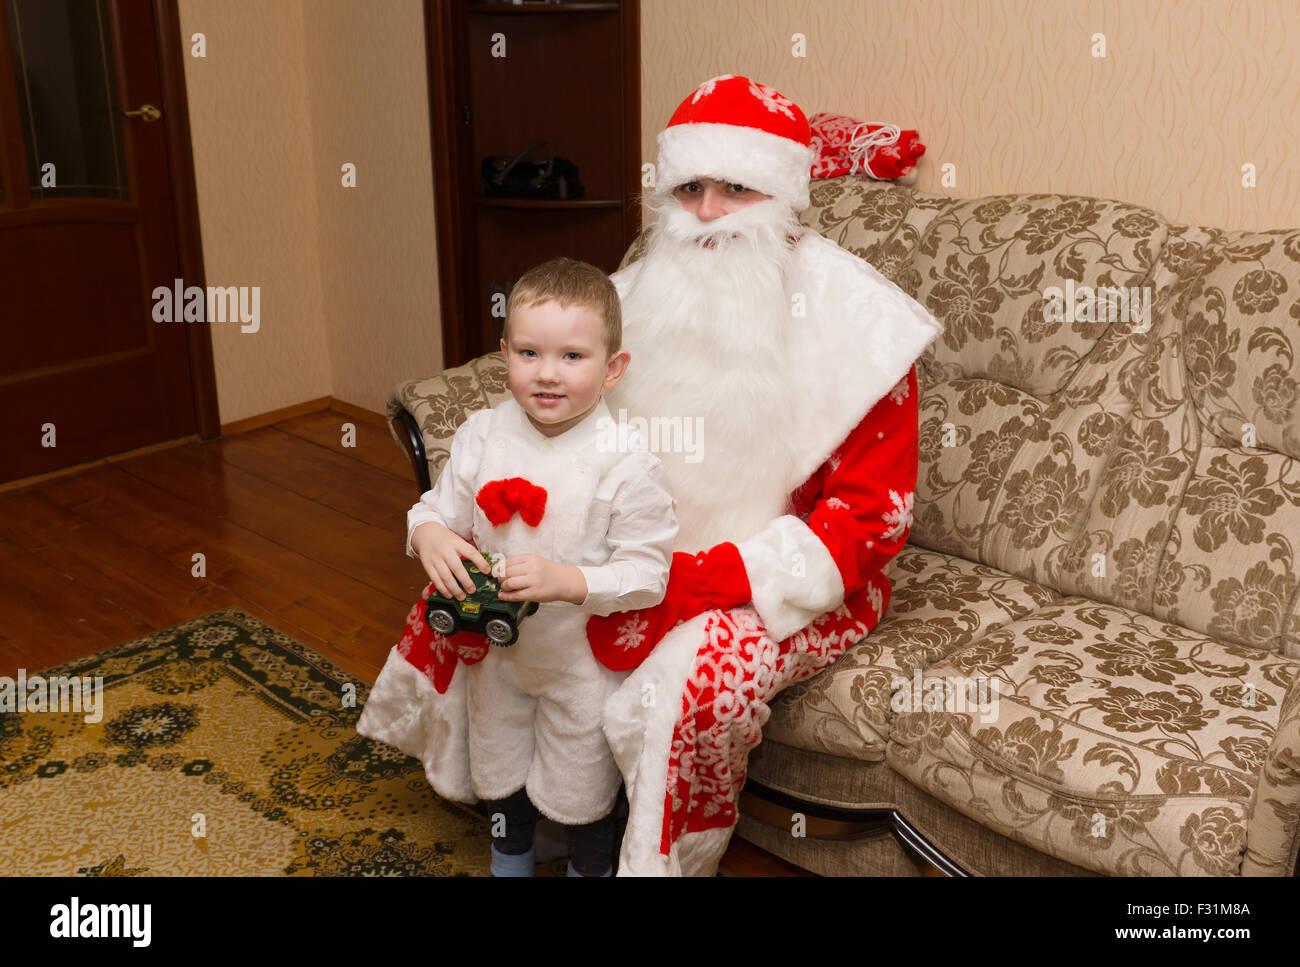 Struttura magica e accogliente da visitare almeno una volta nella vita! Babbo Natale E Venuto A Visitare E Portato Il Ragazzo Un Regalo Foto Stock Alamy